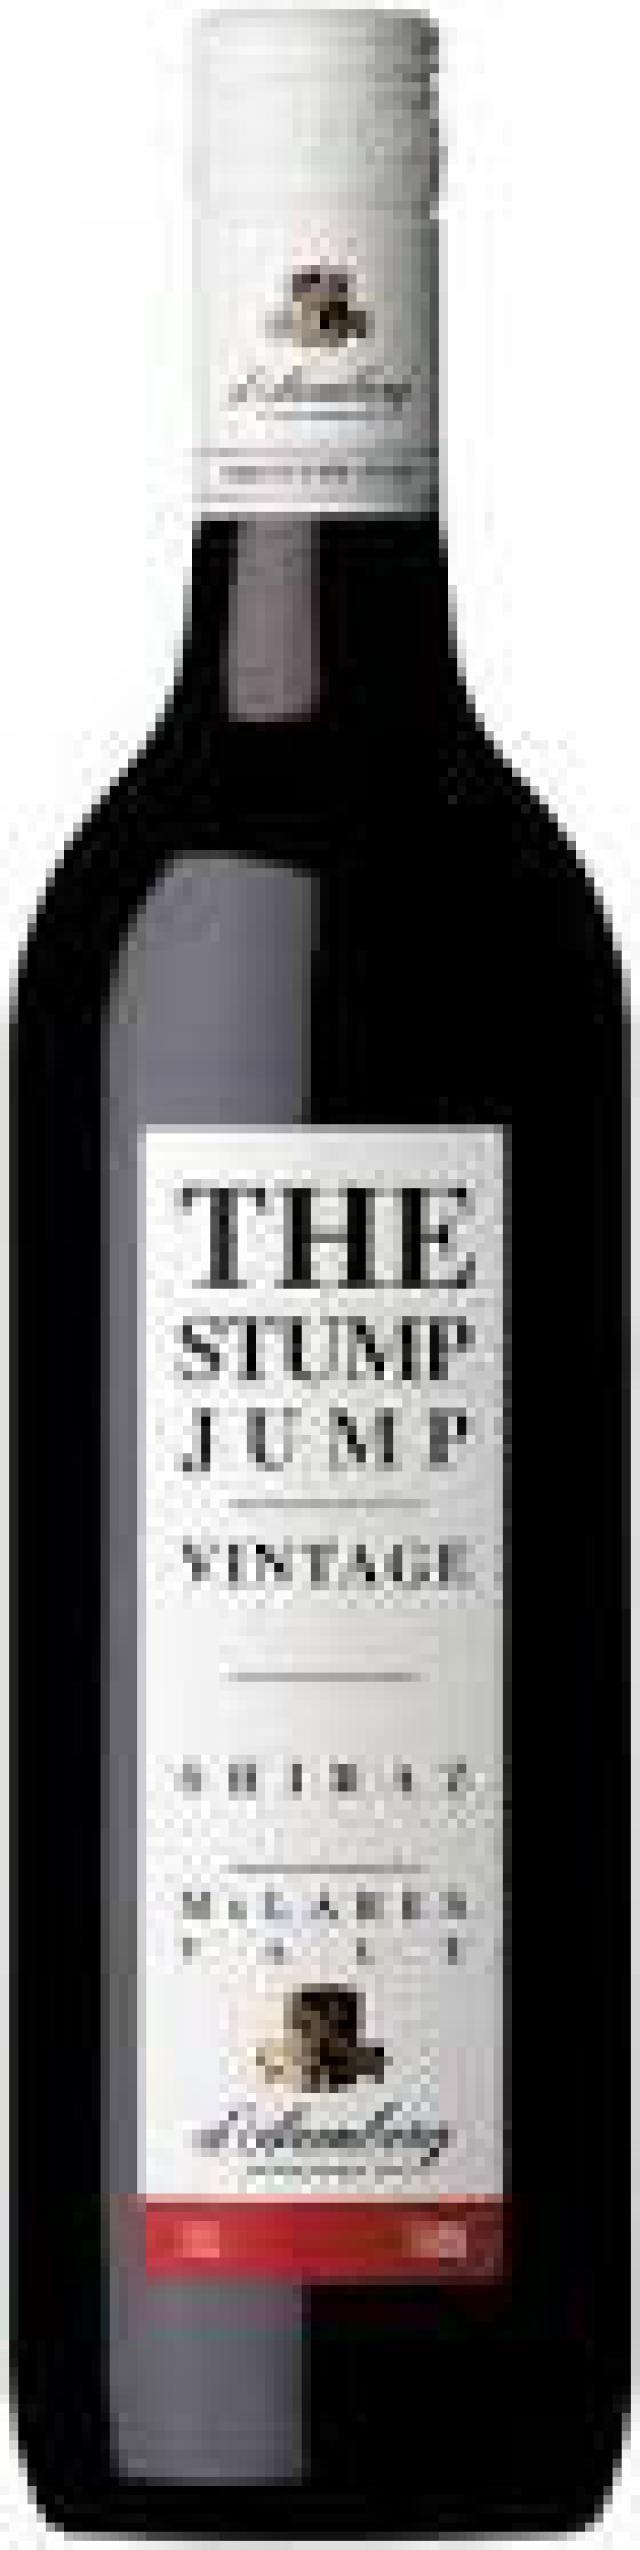 8 Budget-Friendly Shiraz Wines: d'Arenberg Stump Jump Shiraz (Australia) $12